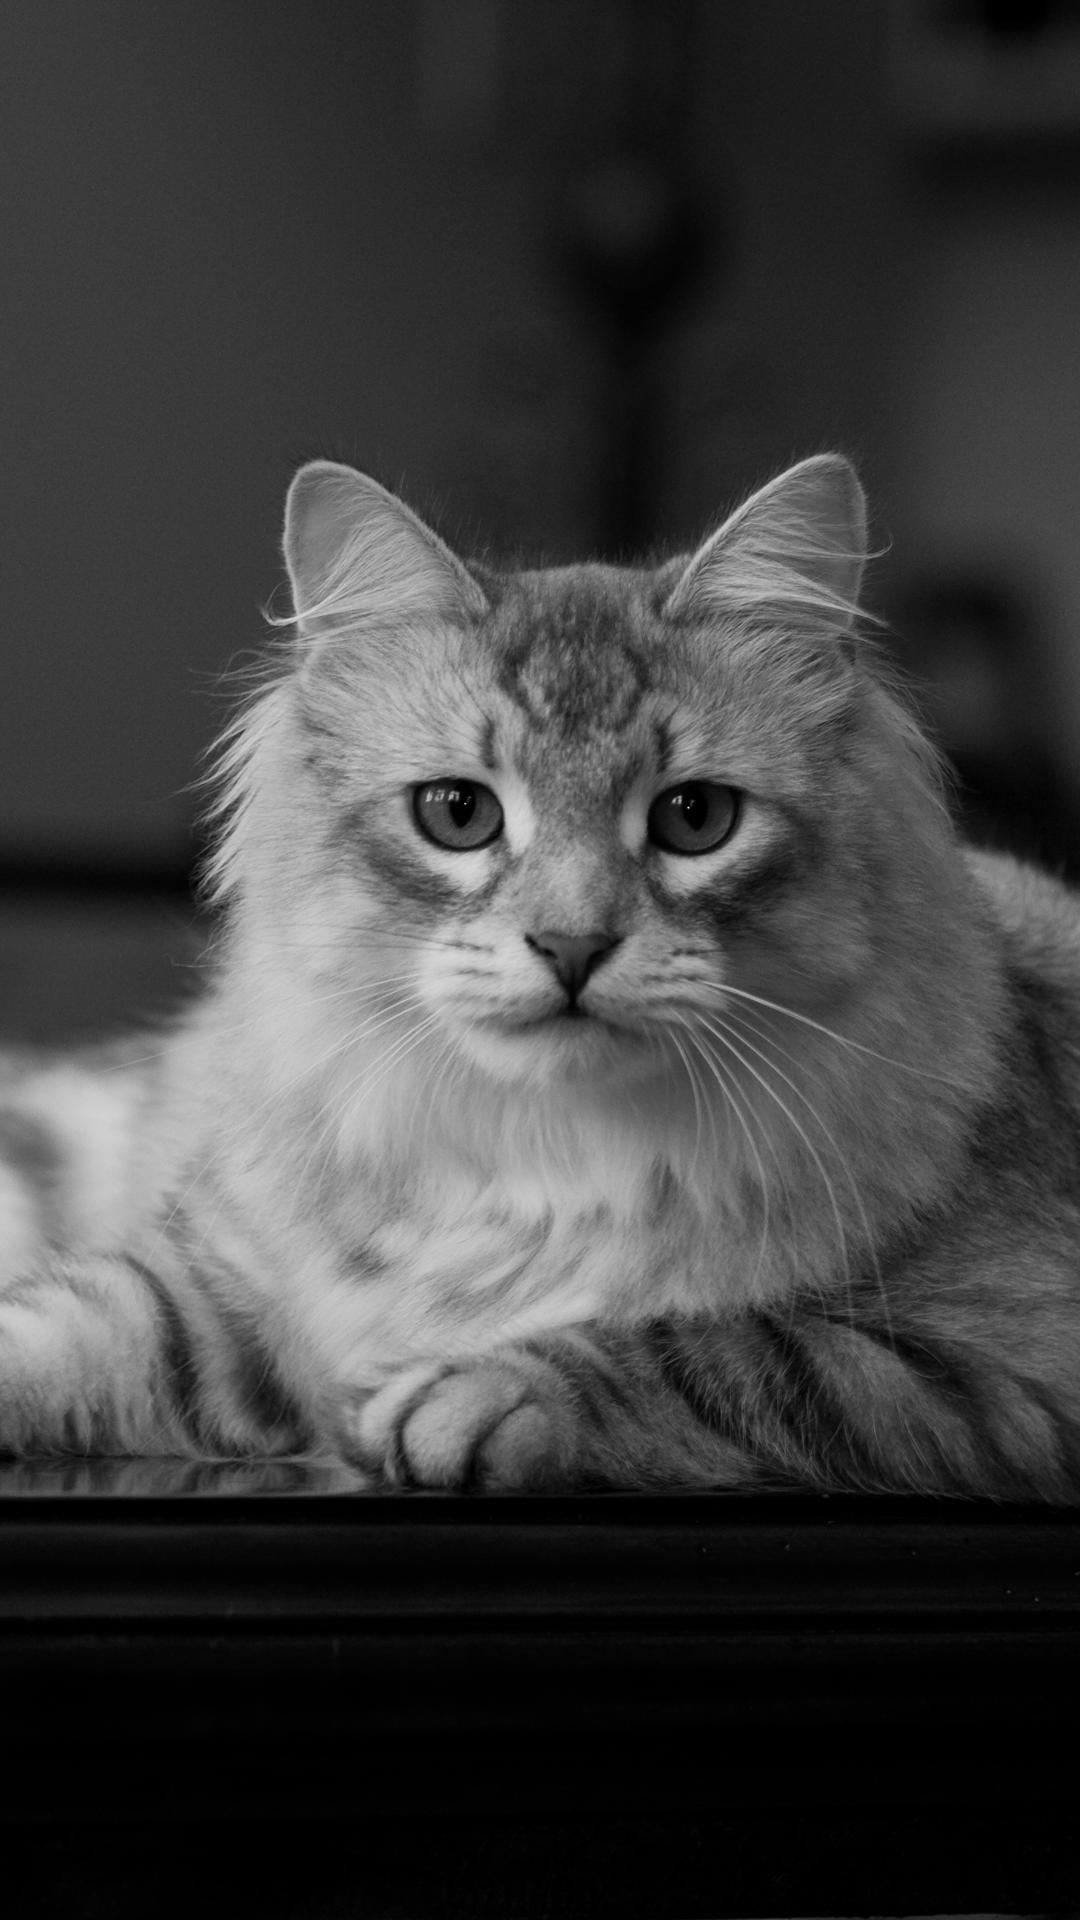 Siberian cat Siberian cat, Cat adoption, Cat wallpaper